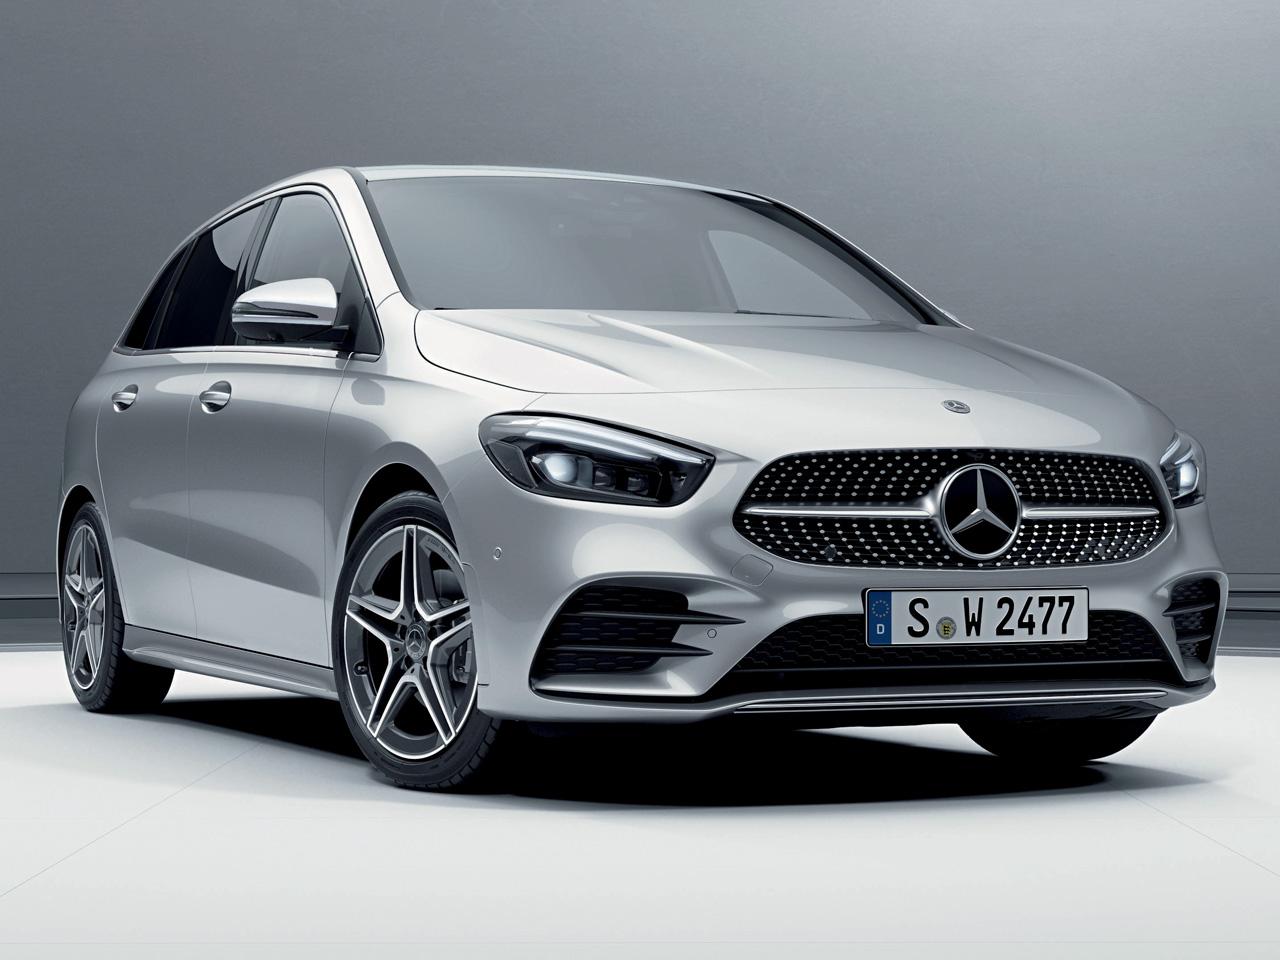 メルセデス・ベンツ Bクラス 2019年モデル 新車画像